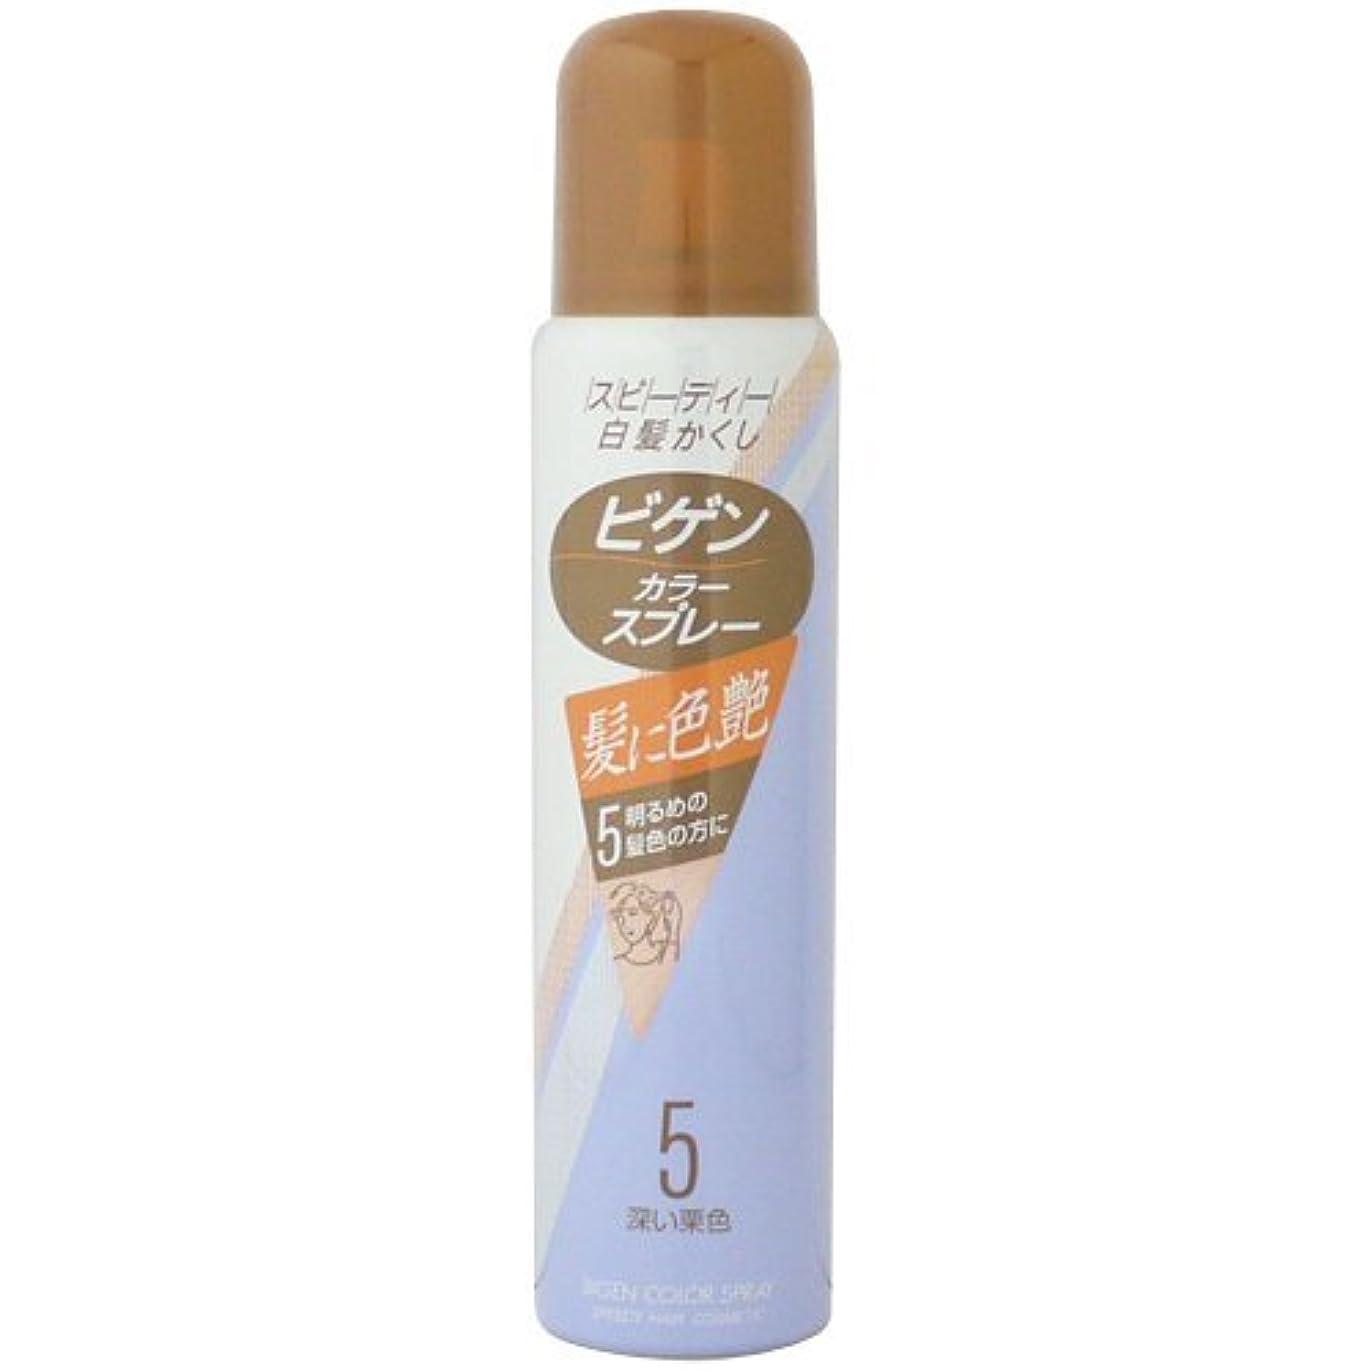 エッセイスマートピジンホーユー ビゲン カラースプレー 【5 深い栗色】 82g